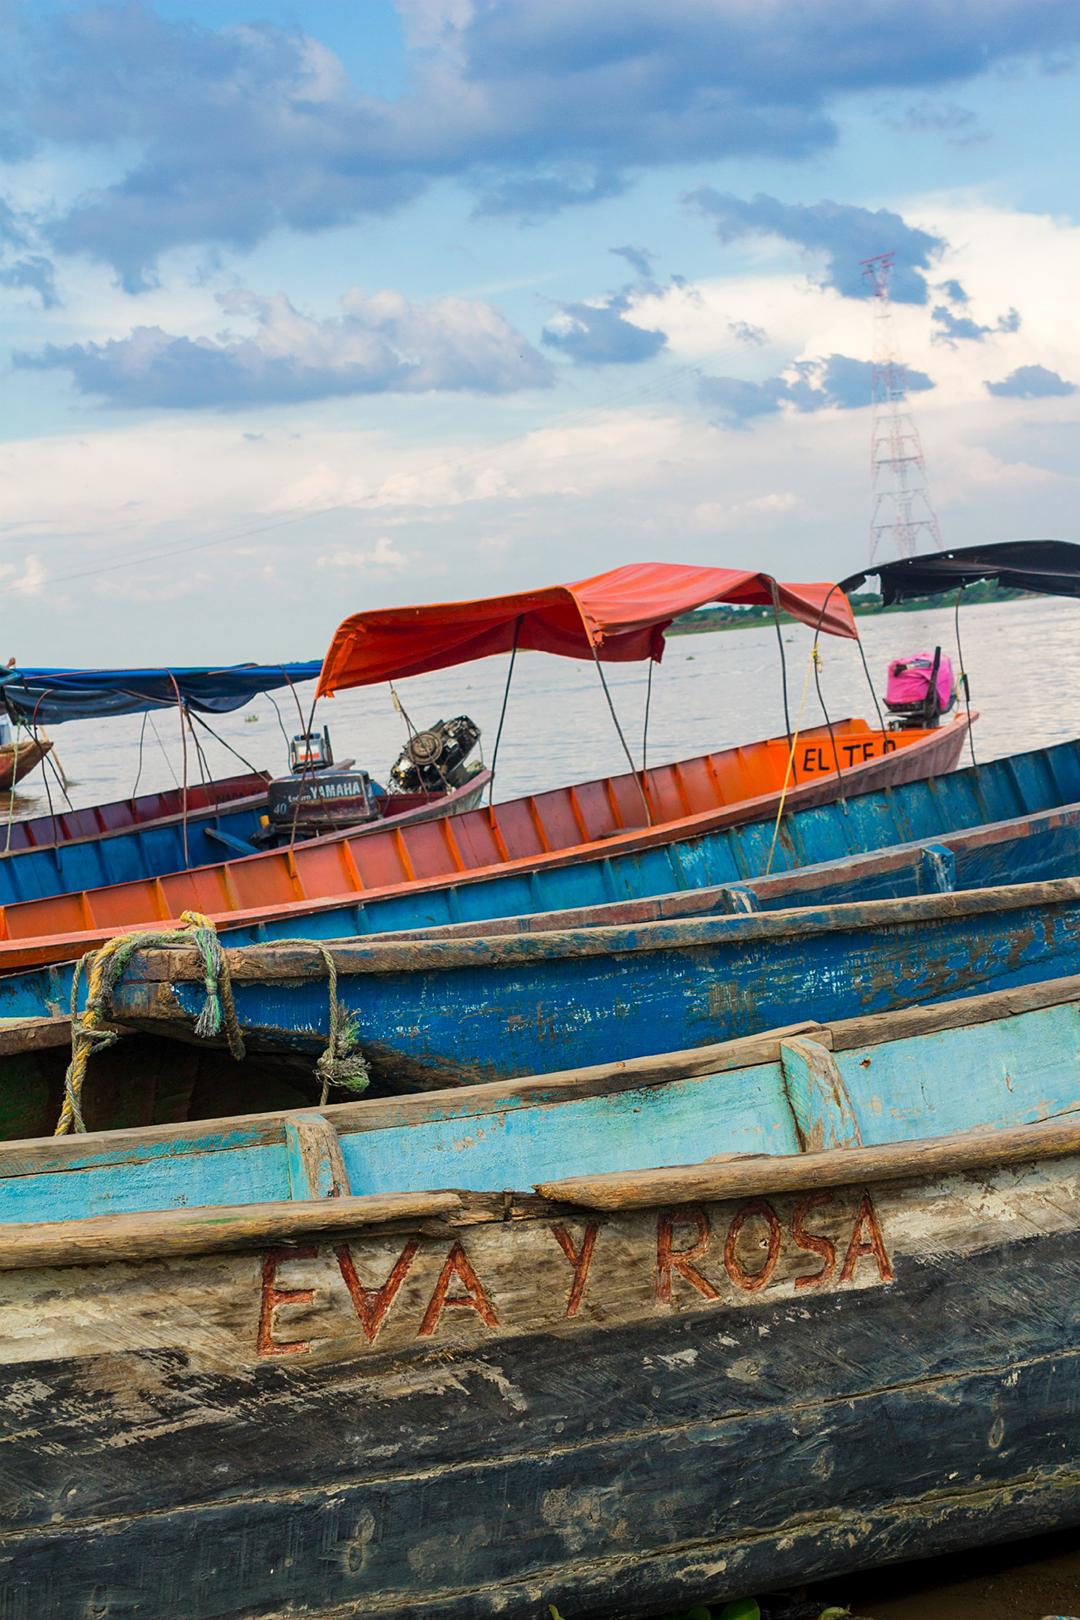 Exposición Entre Río y Mar, pescando instantáneas - Cortesía de Fundación para el desarrollo social y ambiental Naturaleza Social   (8)